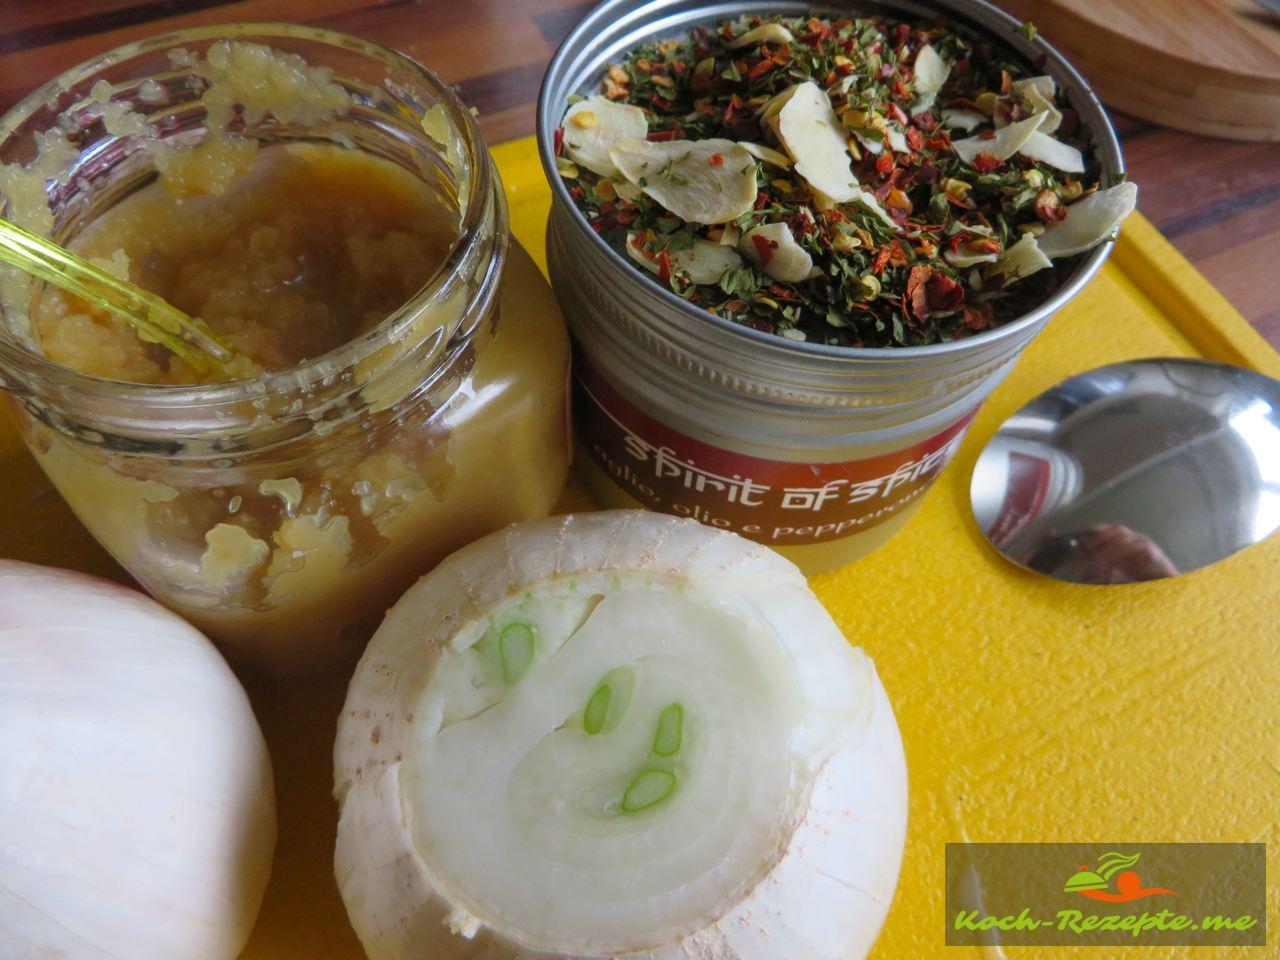 Kräuter, Gewürze, Knoblauchpaste  und Zwieben für die Ajvar selber kochen